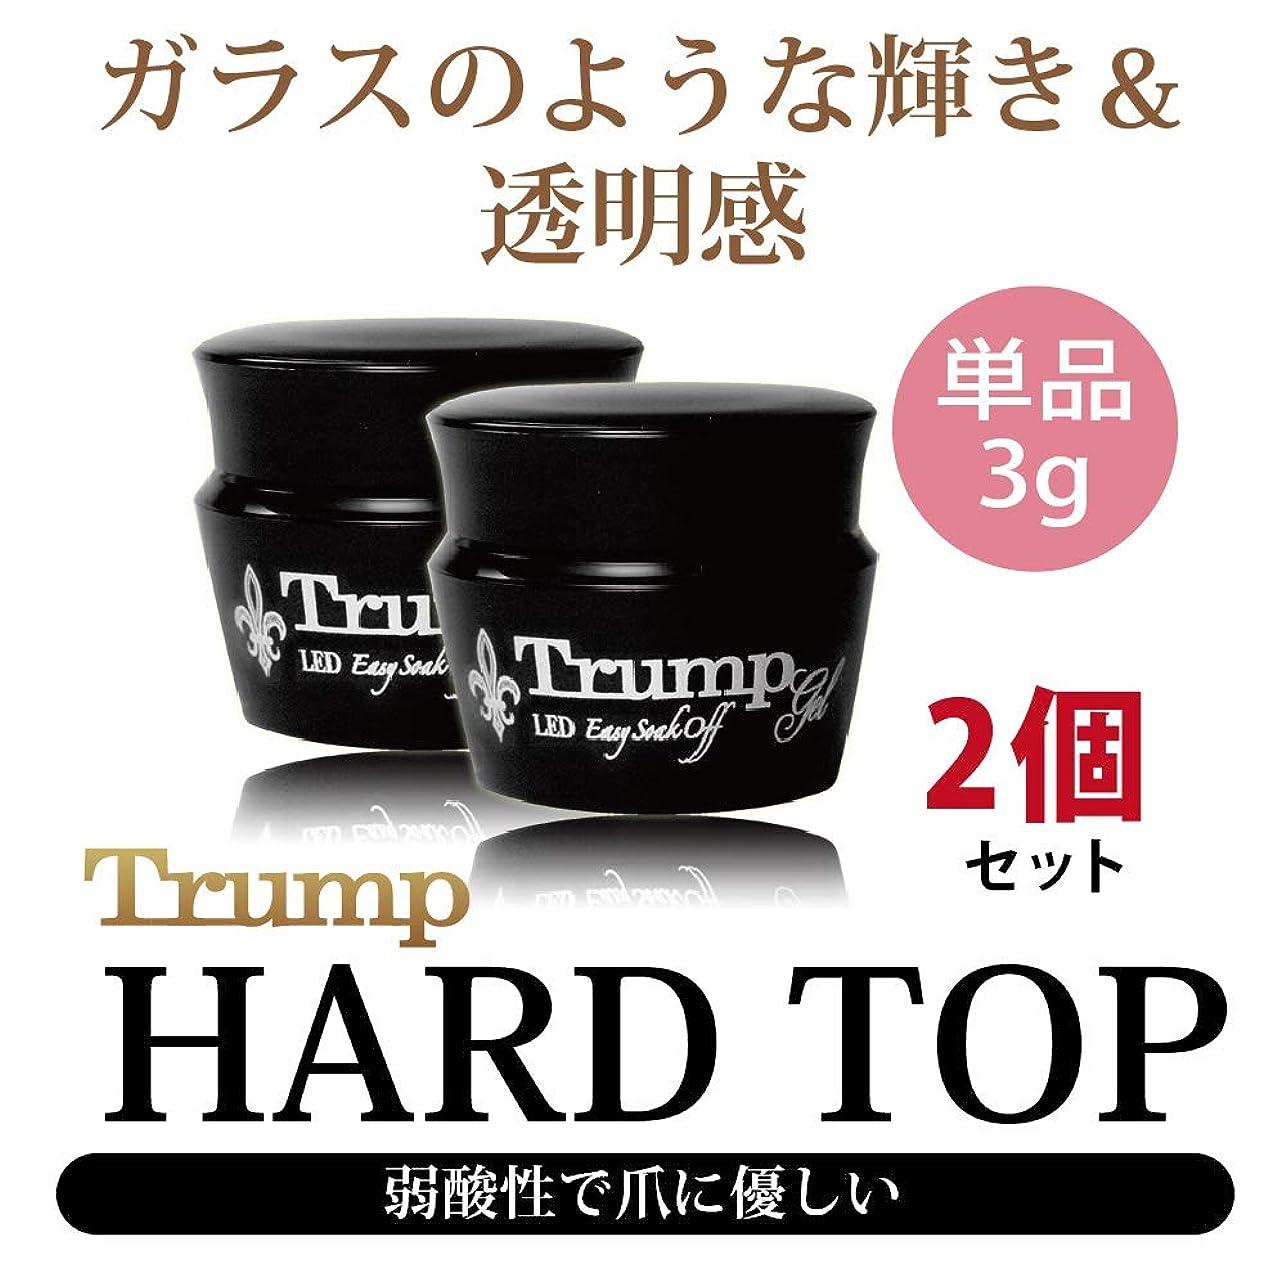 暖かく添加受けるTrump gel ハードクリアージェル 3g 2個セット